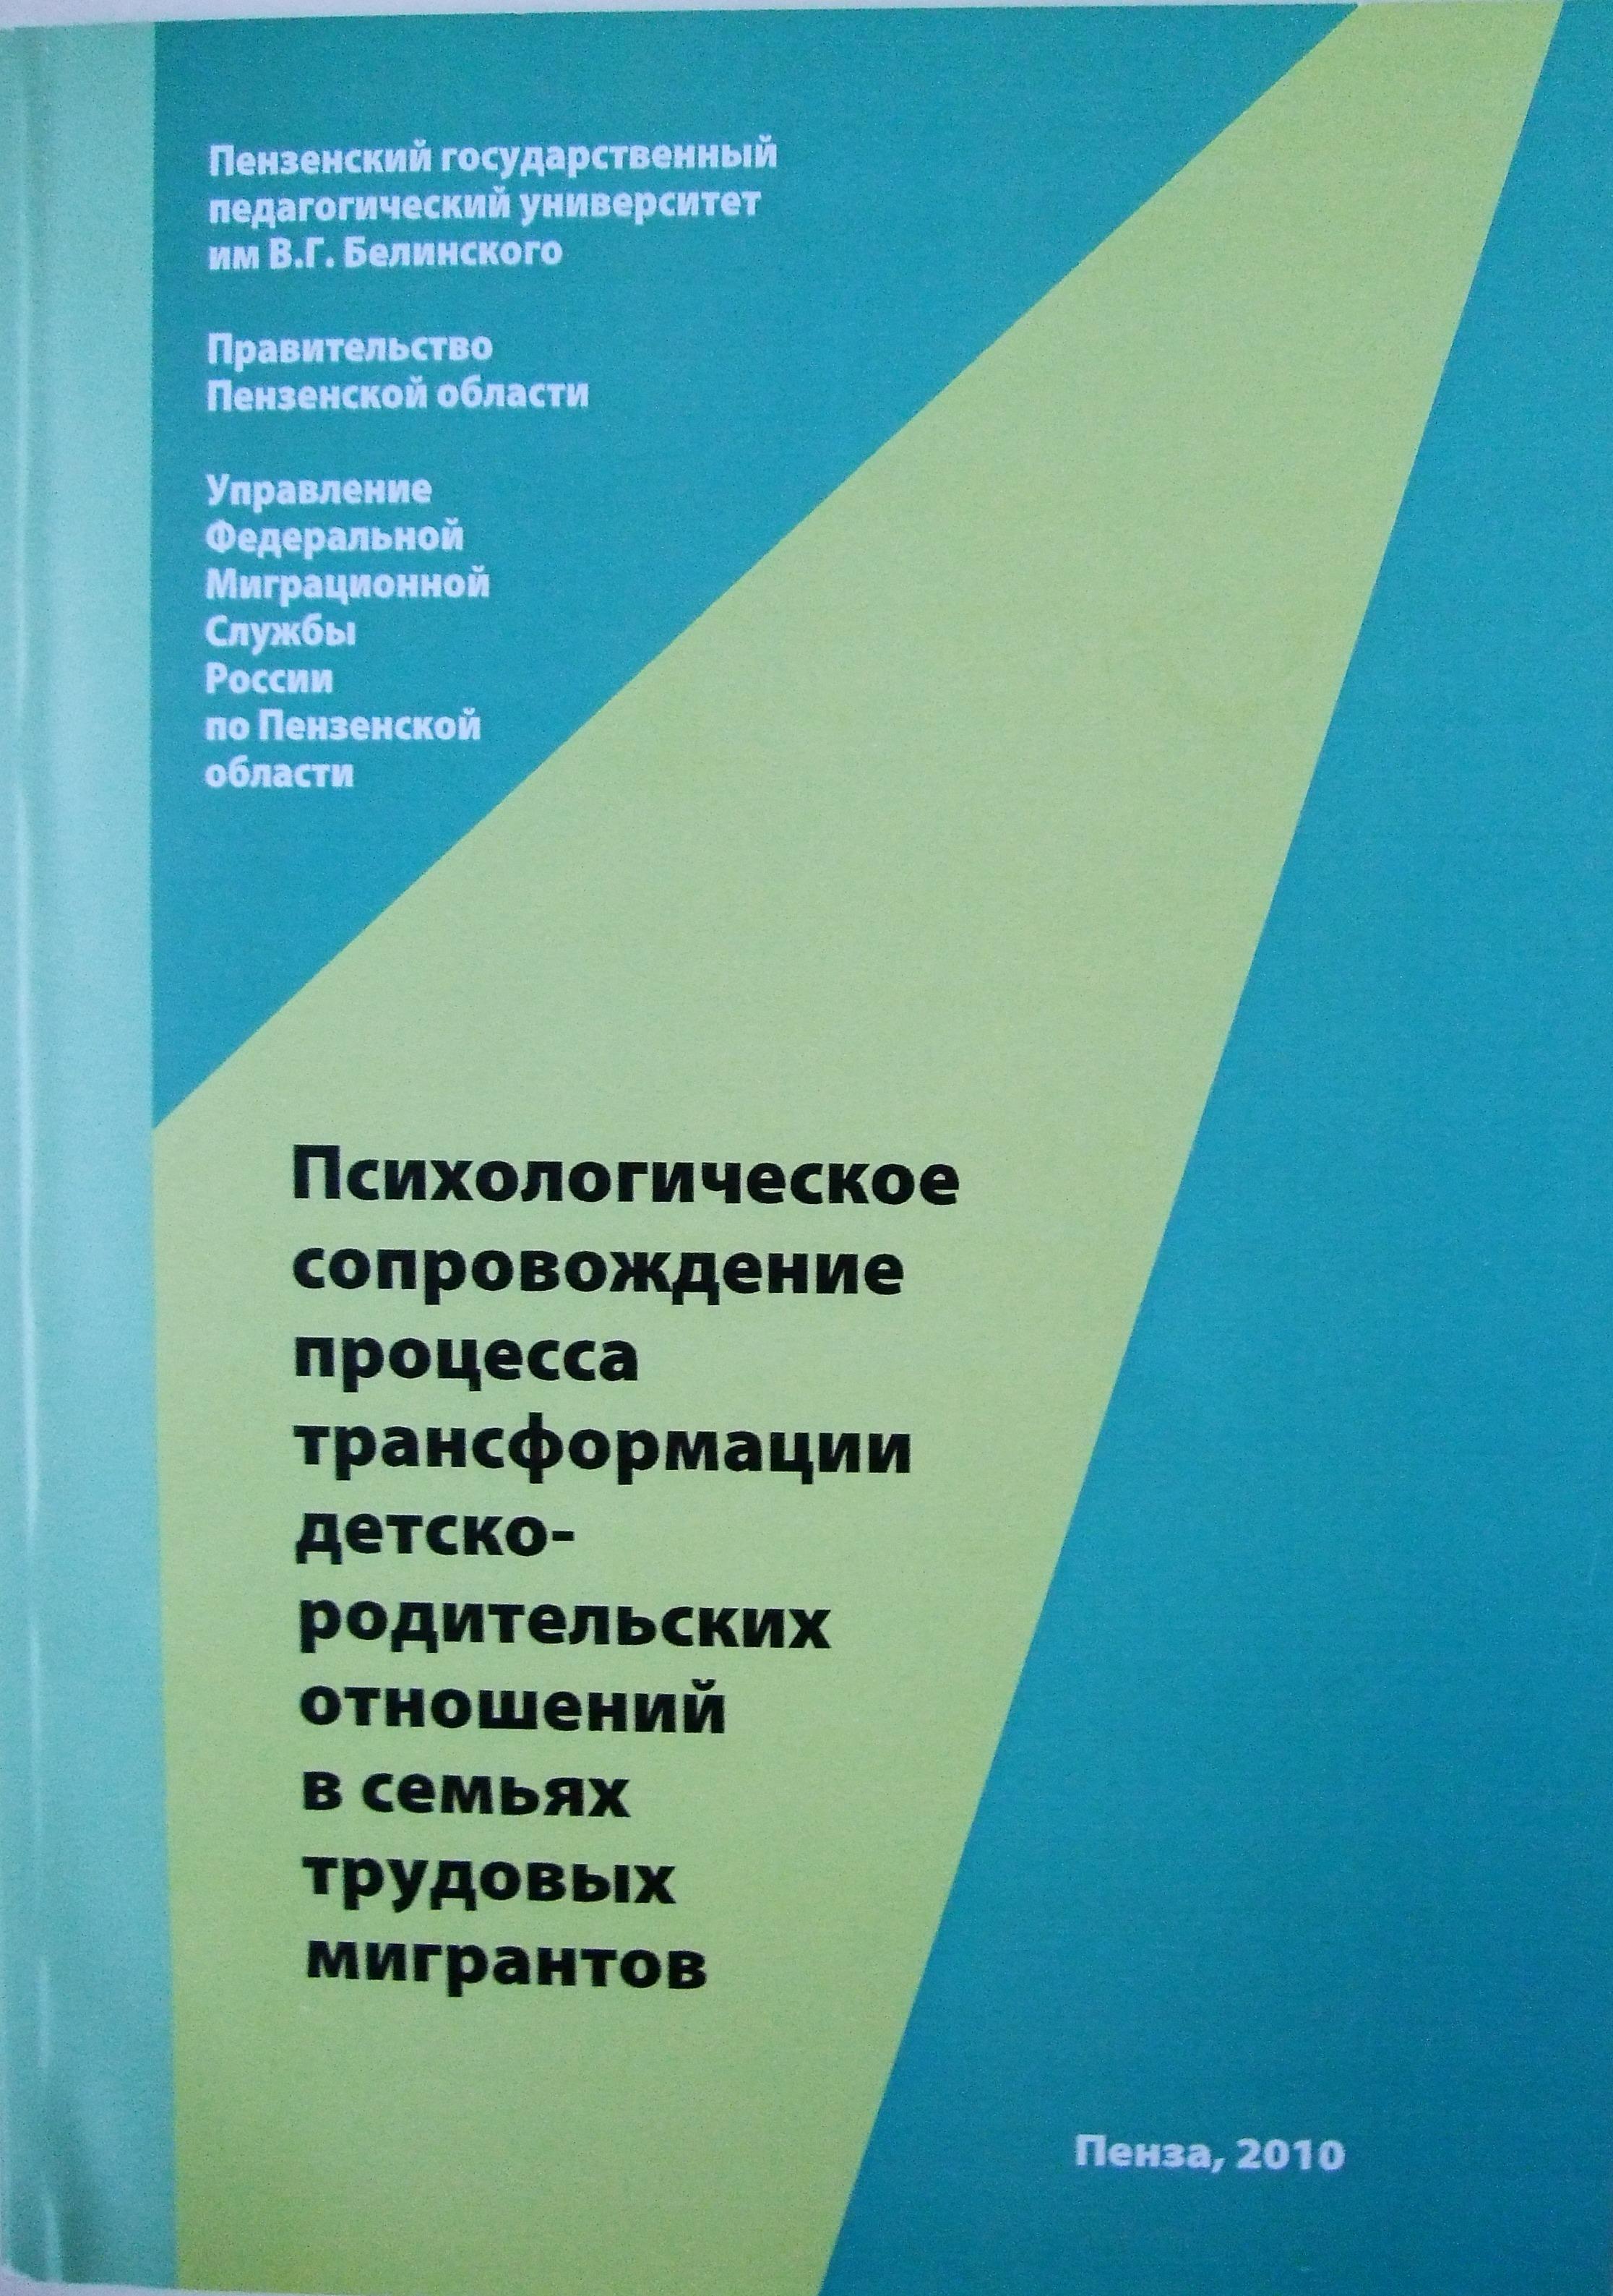 Стратегии взаимодействия мигрантов и населения России в Москве и Ставропольском крае